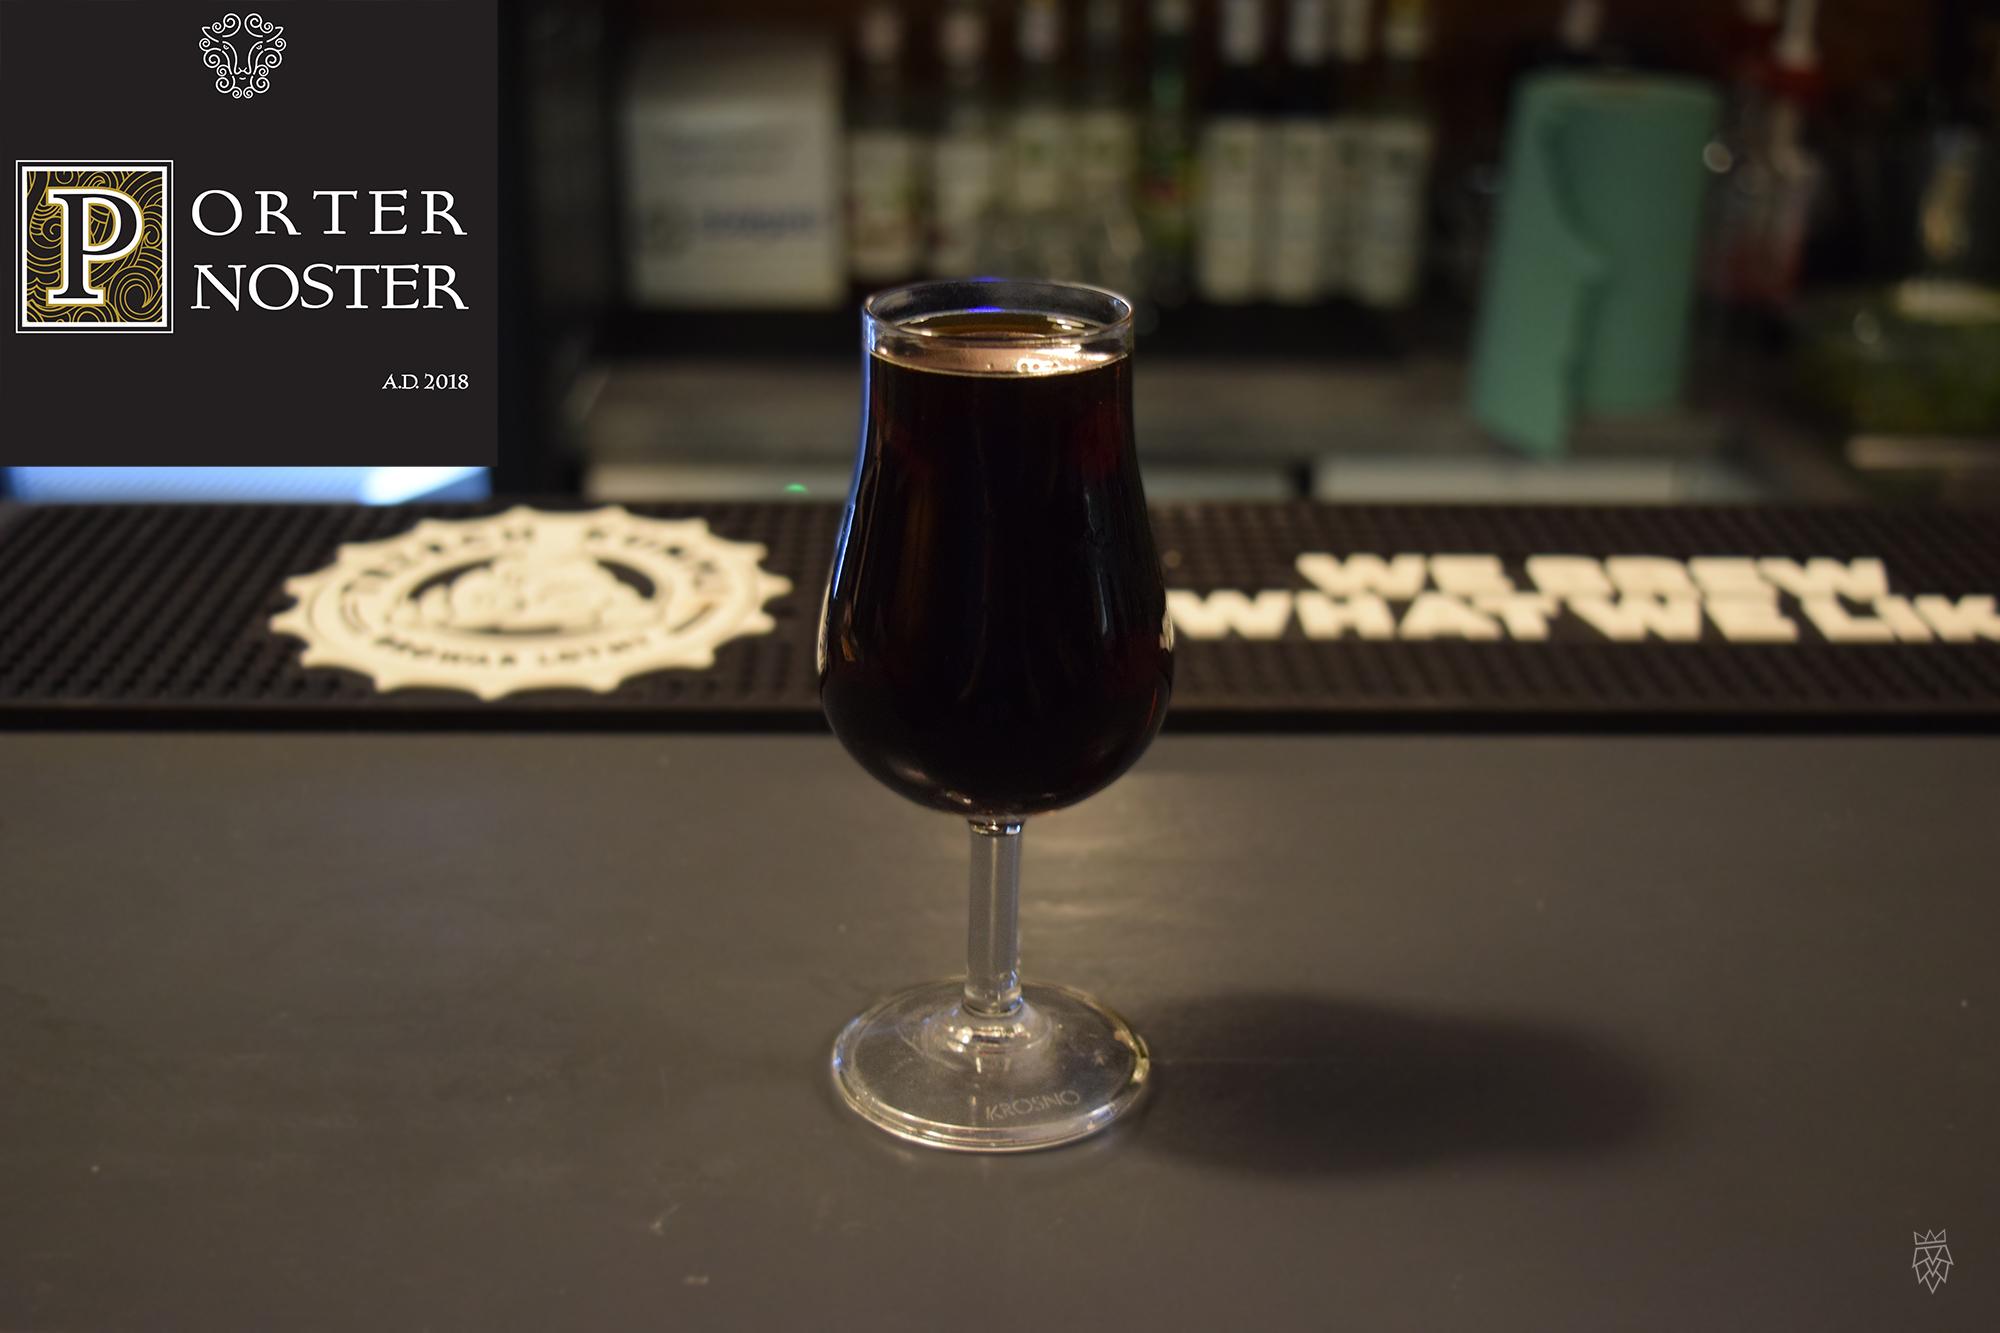 Porter Noster 2018